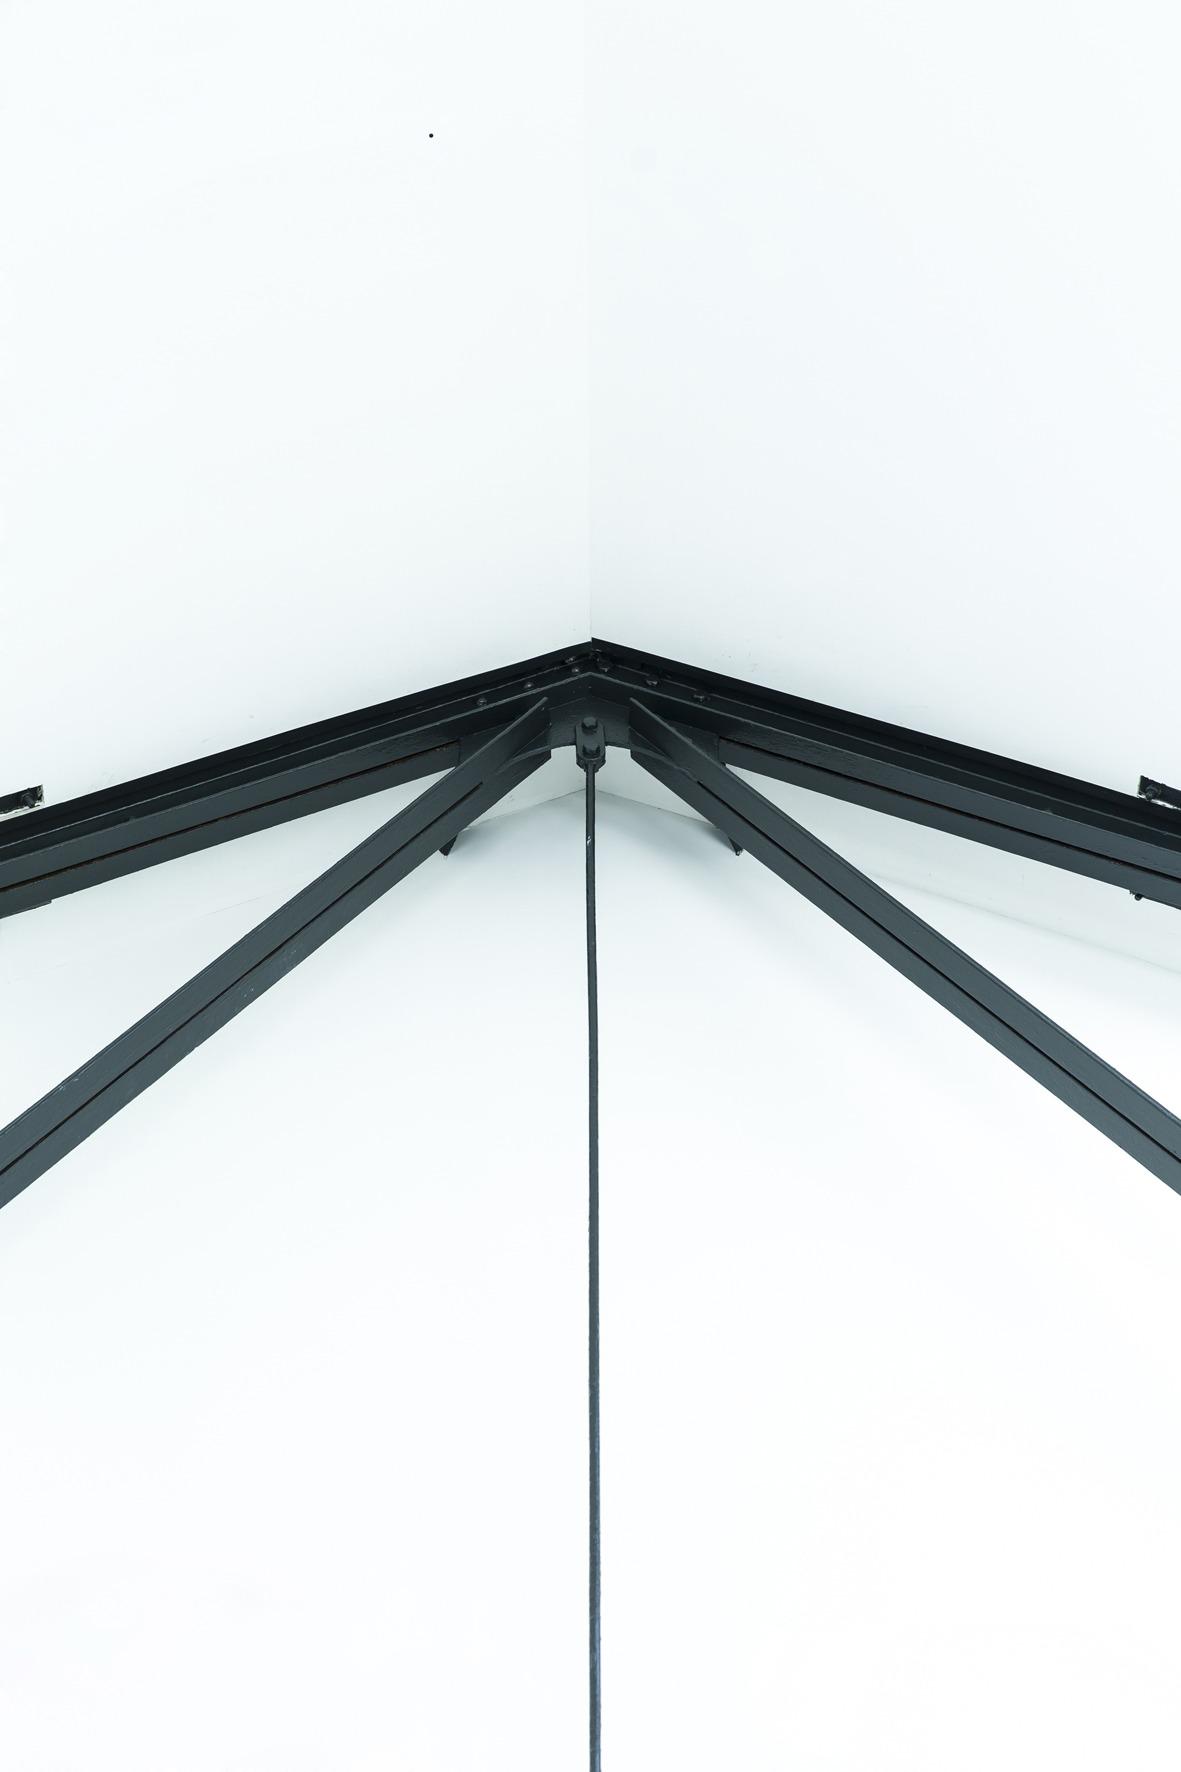 constructief detail in het zicht, aandacht van een architect